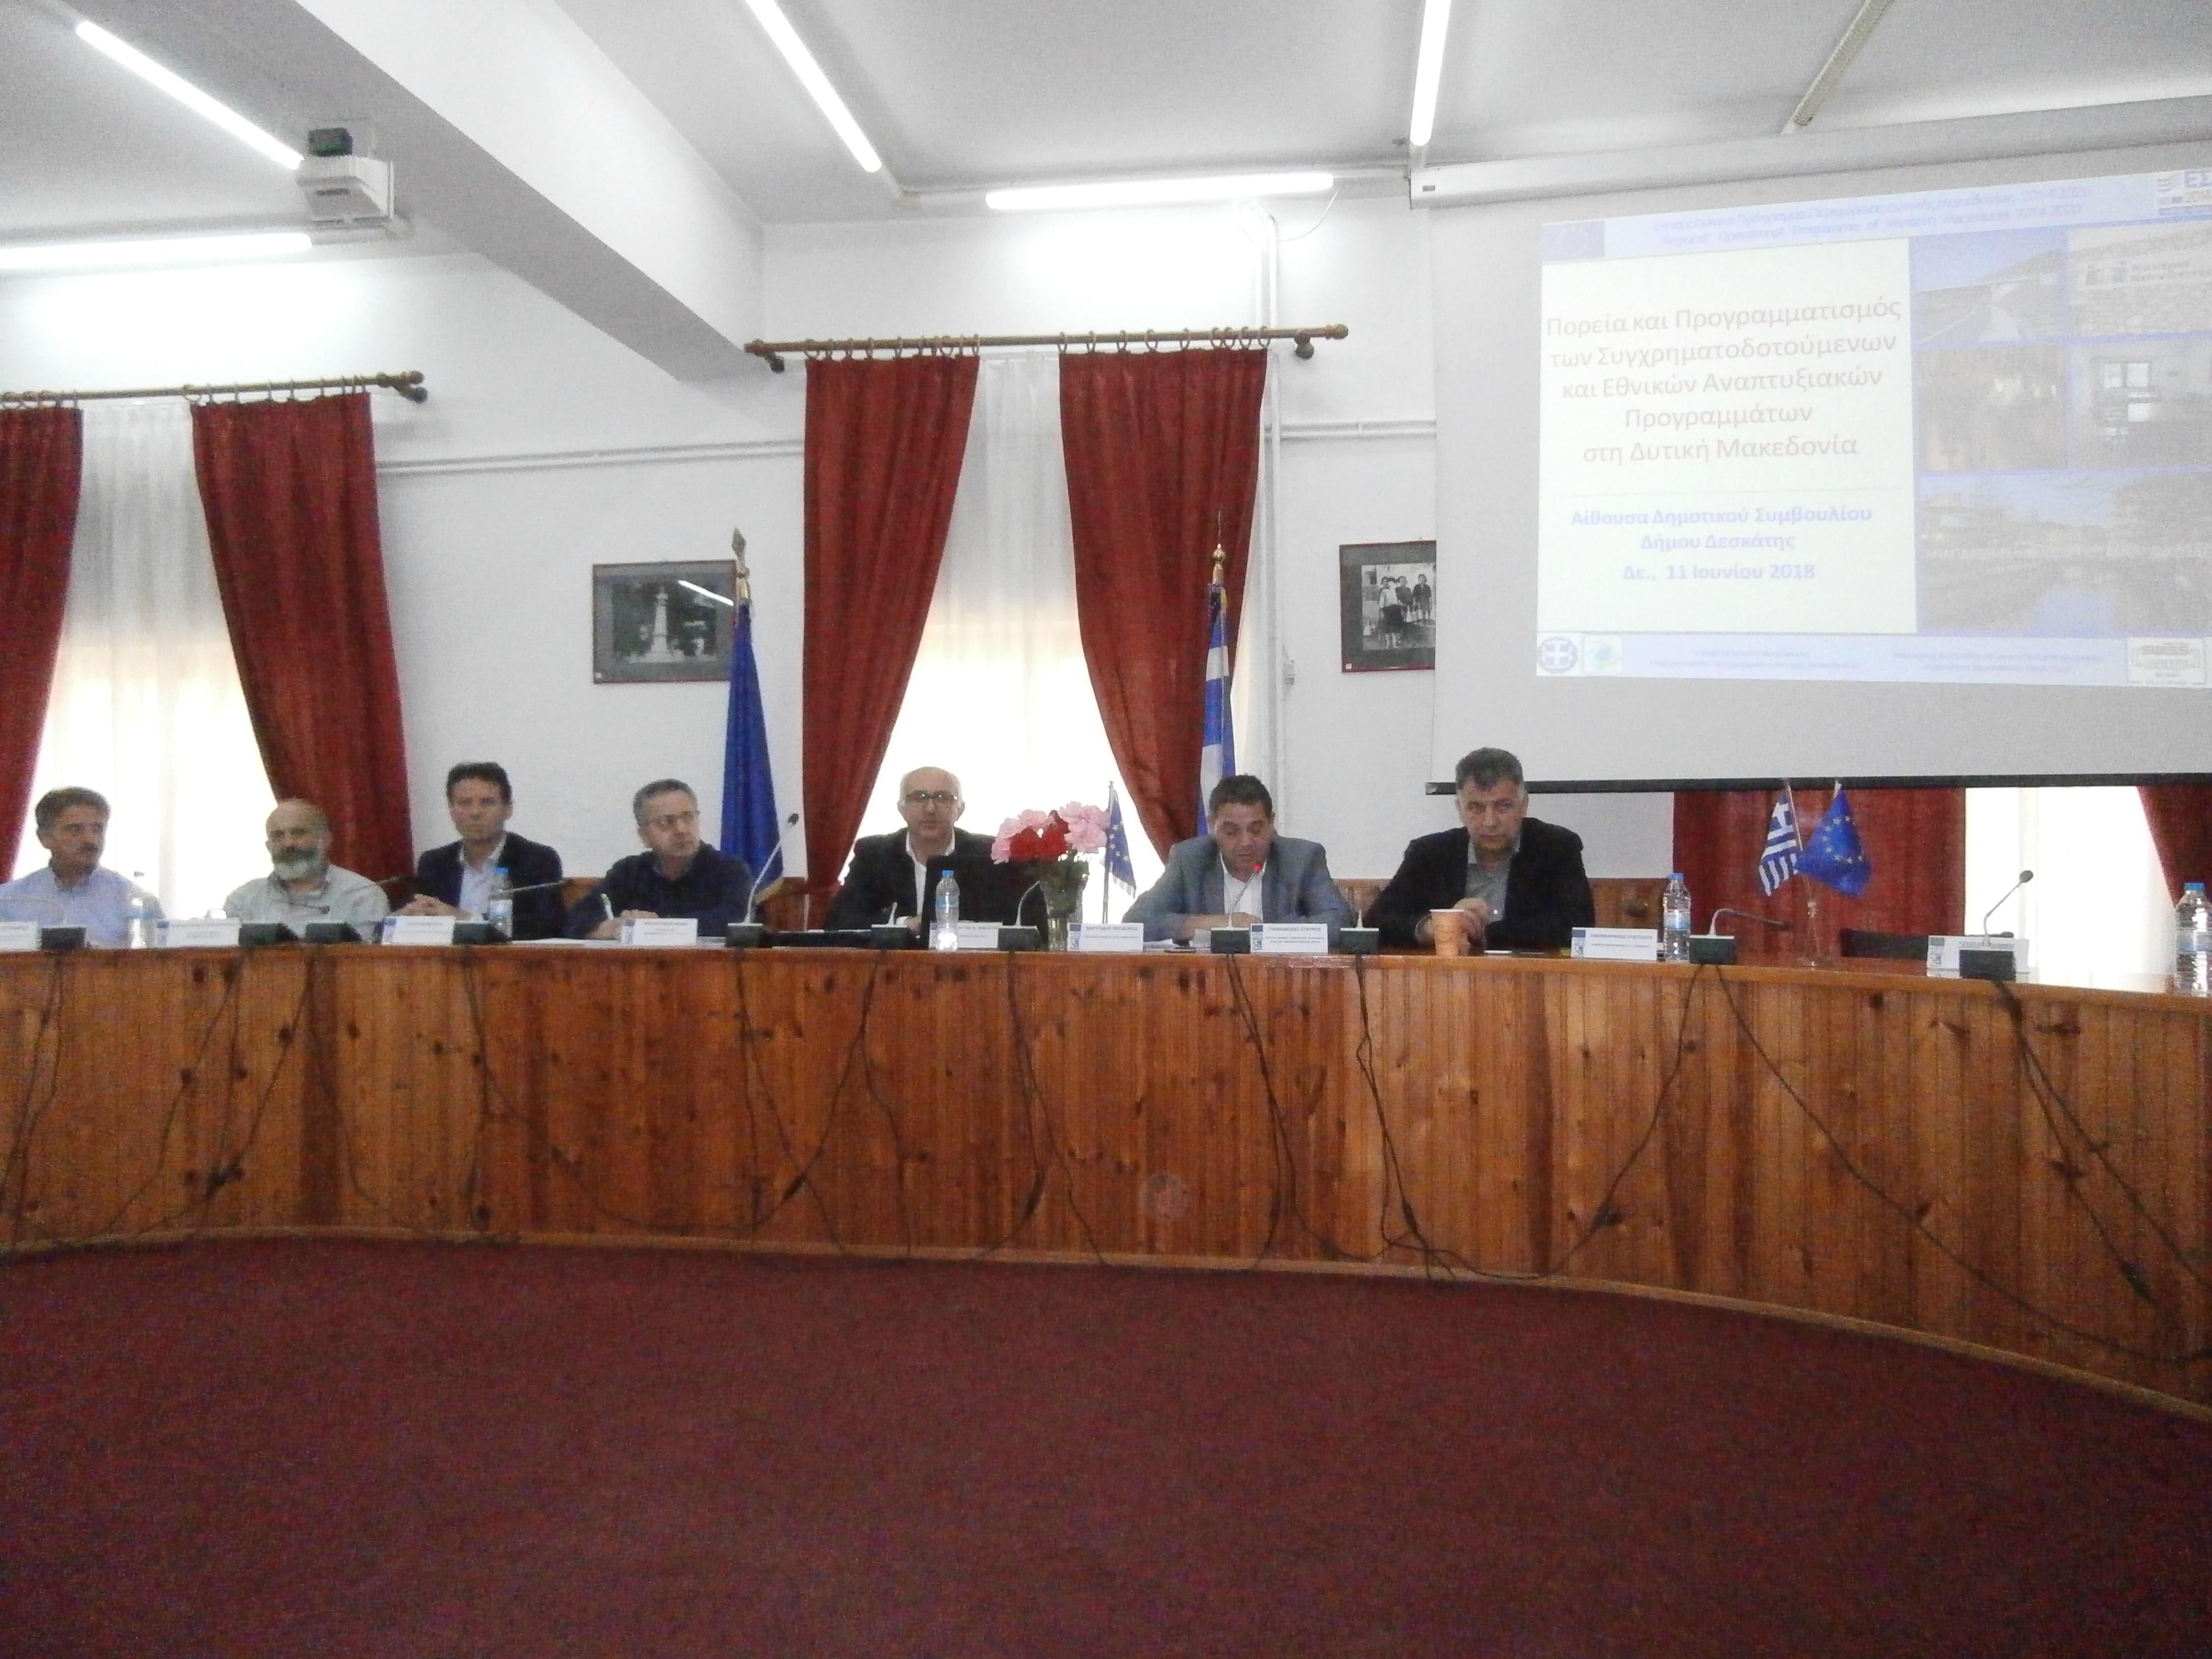 Ημερίδα «Η πορεία και ο προγραμματισμός των συγχρηματοδοτούμενων  και των εθνικών αναπτυξιακών προγραμμάτων στο Δήμο Δεσκάτης»